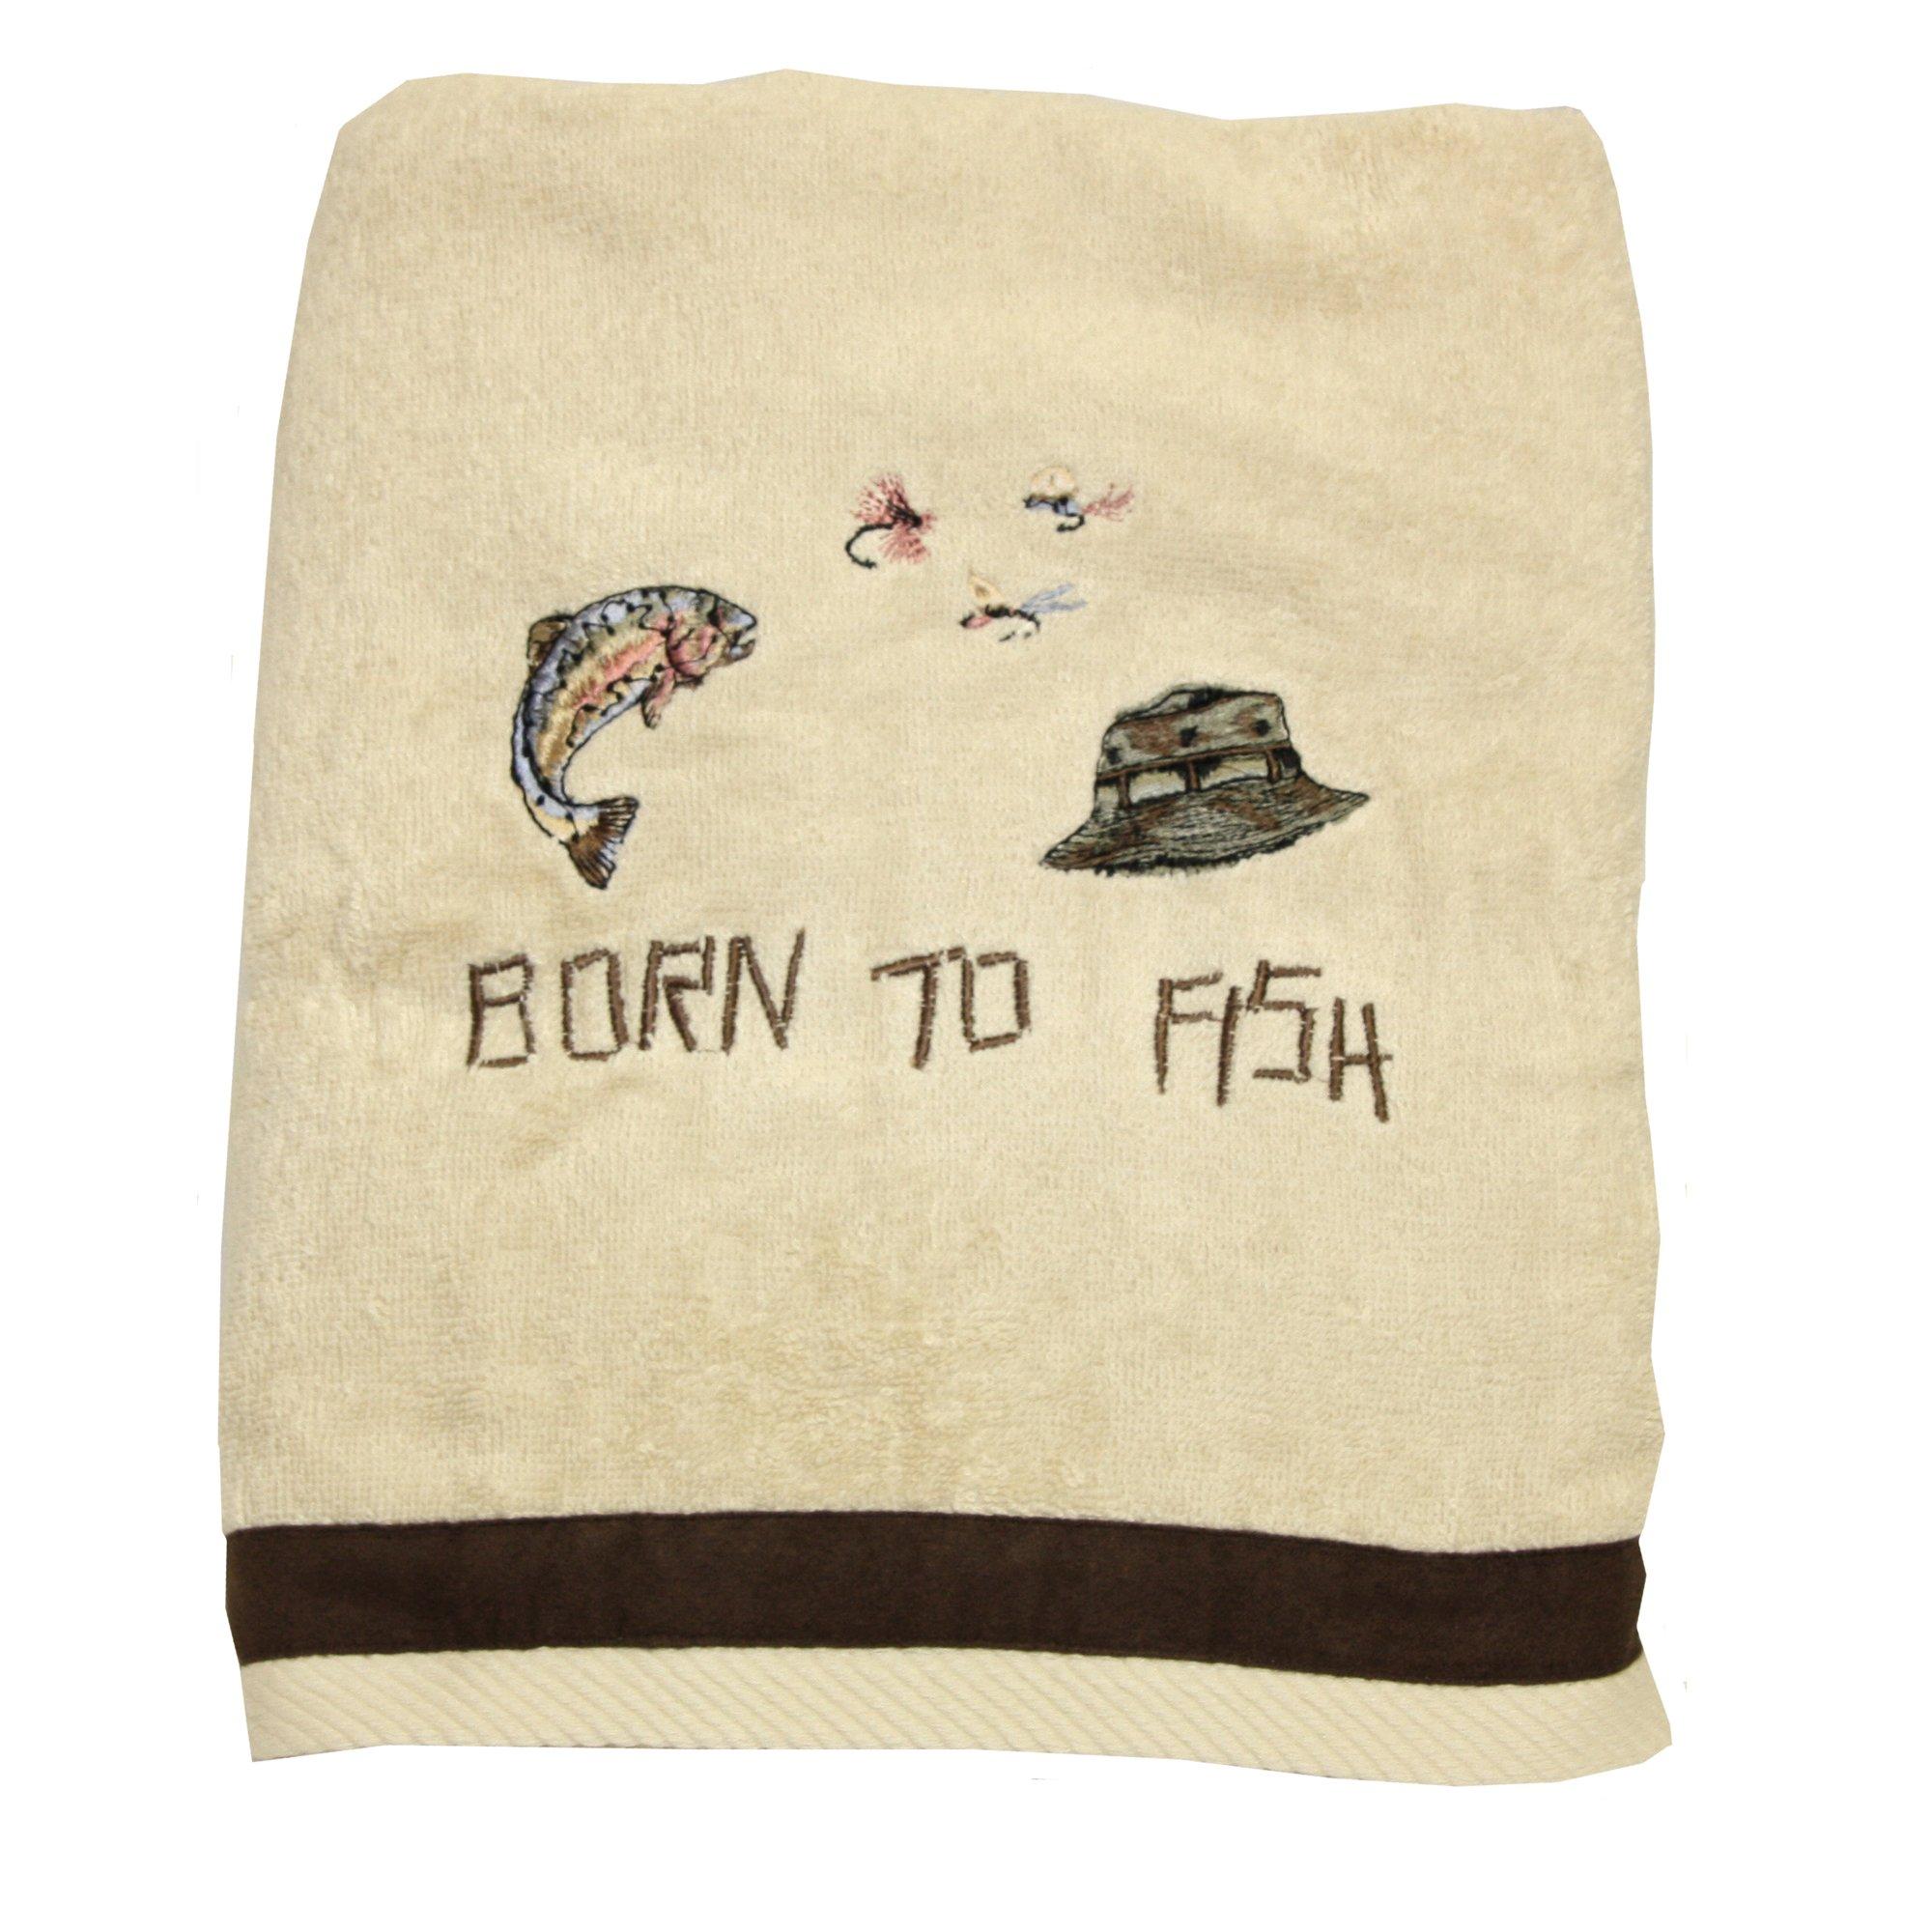 Bacova Guild Born To Fish Bath Towel Lavorist